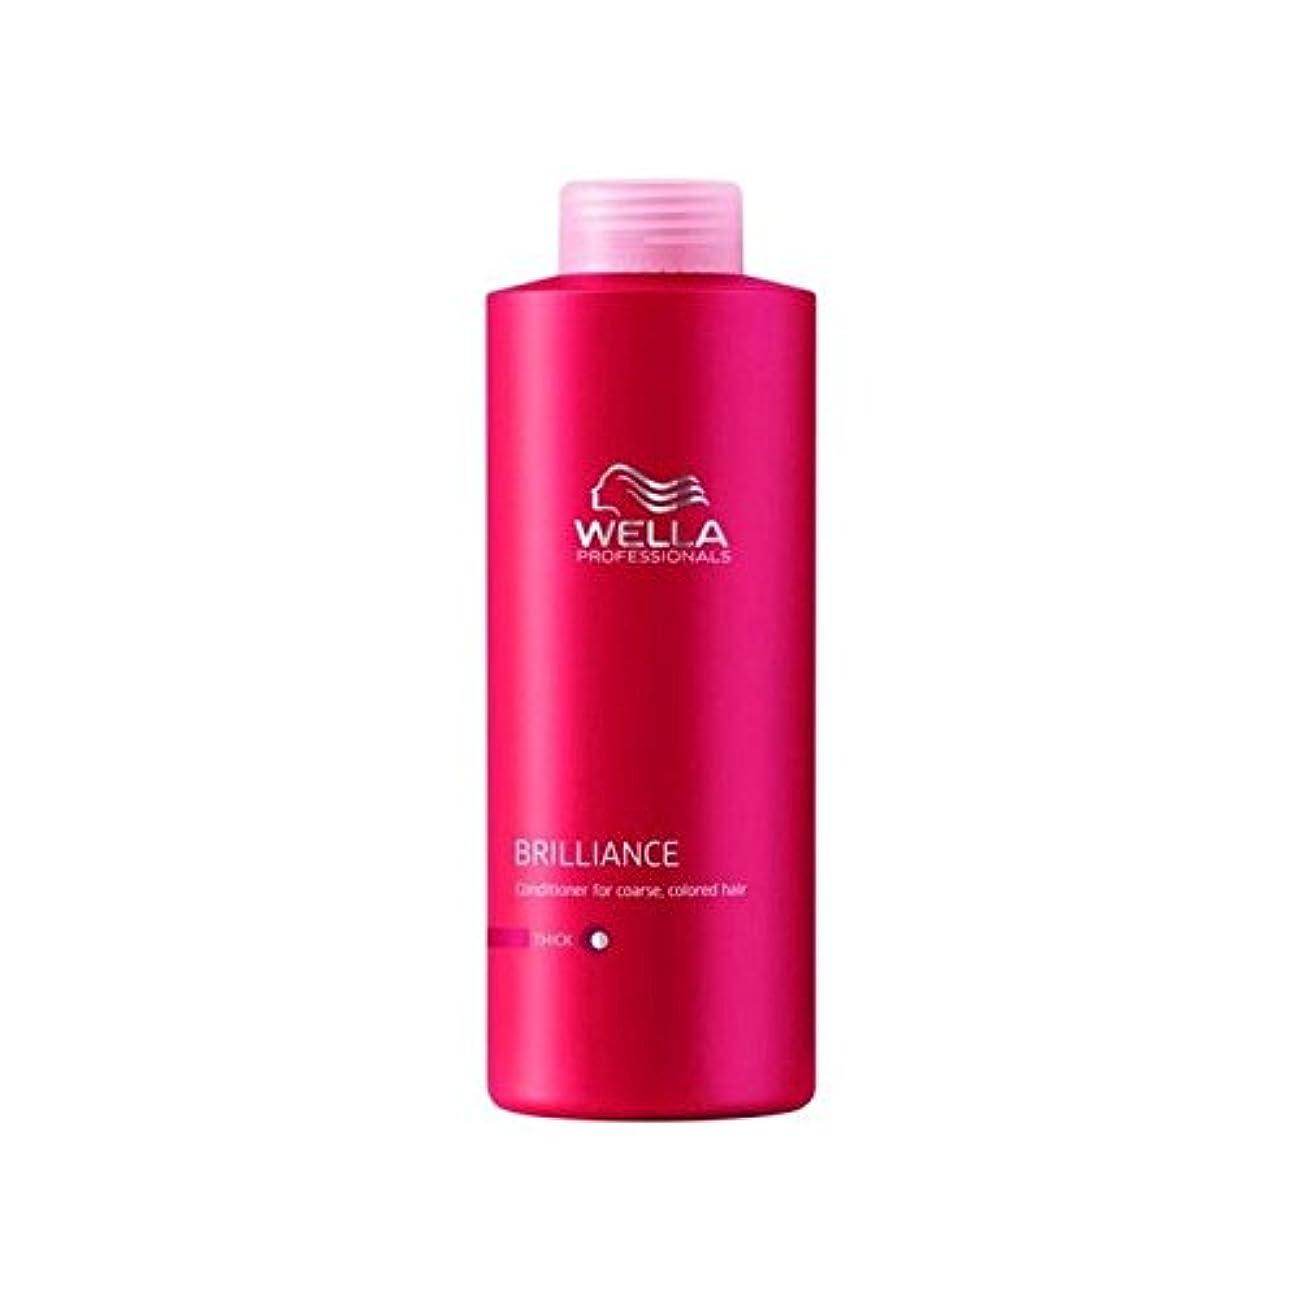 喉頭辞書性別ウェラの専門家は粗いコンディショナー(千ミリリットル)をブリリアンス x4 - Wella Professionals Brilliance Coarse Conditioner (1000ml) (Pack of 4)...